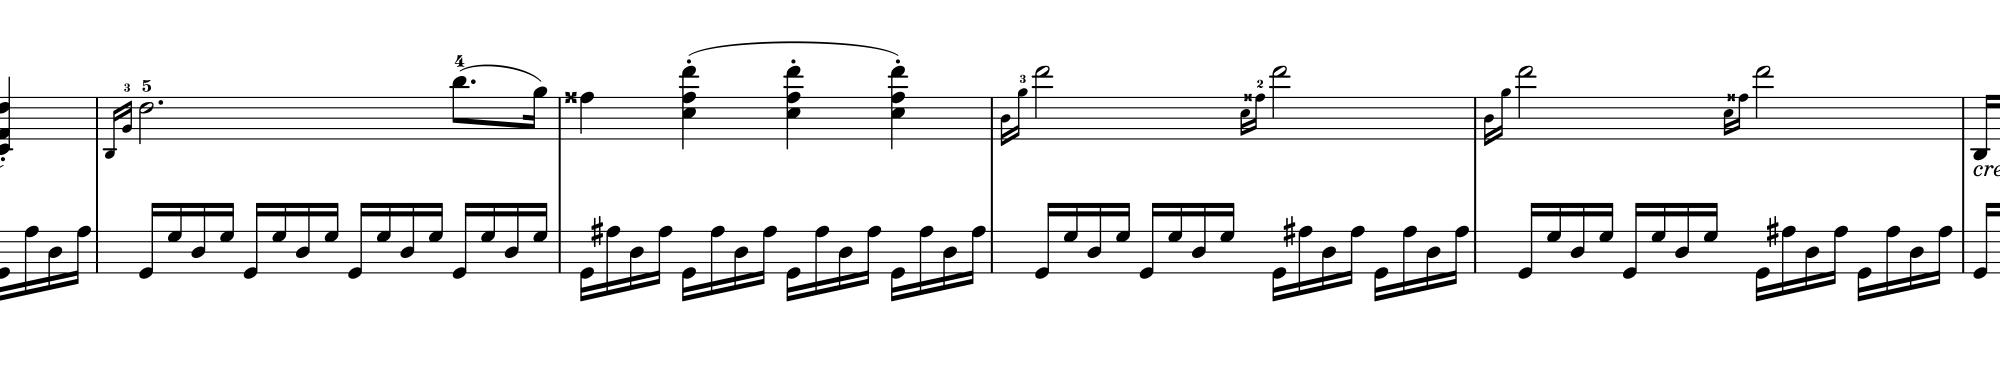 Part_12_150